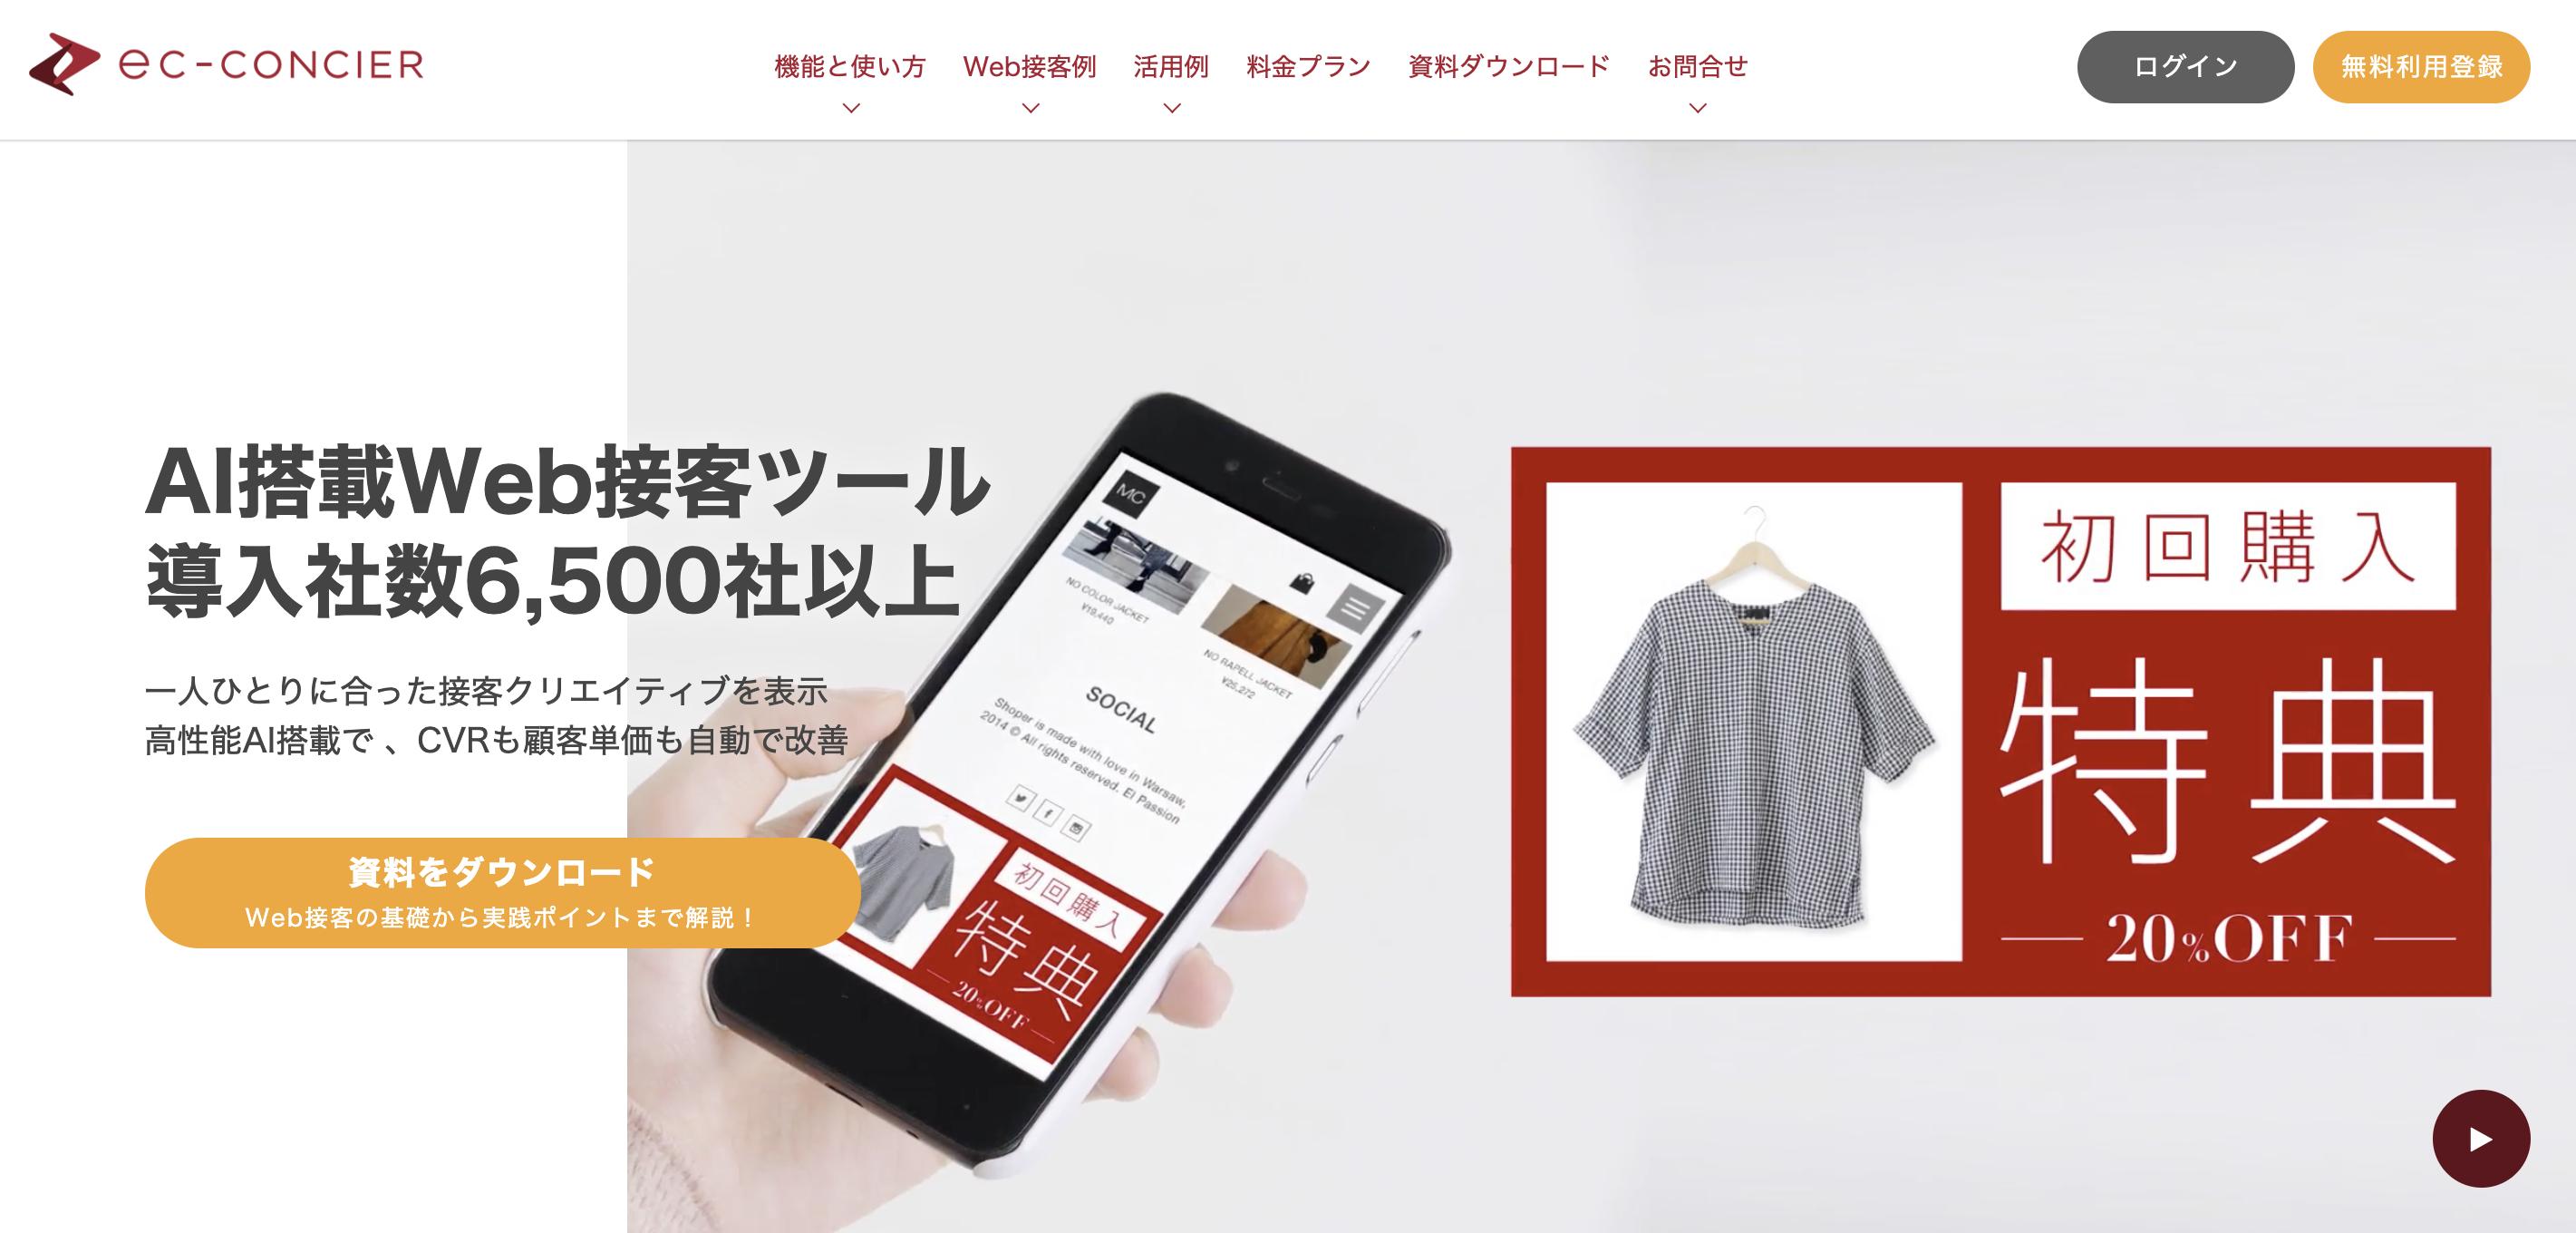 株式会社NTT DOCOMO様 ec-concierコンサルティングサポ